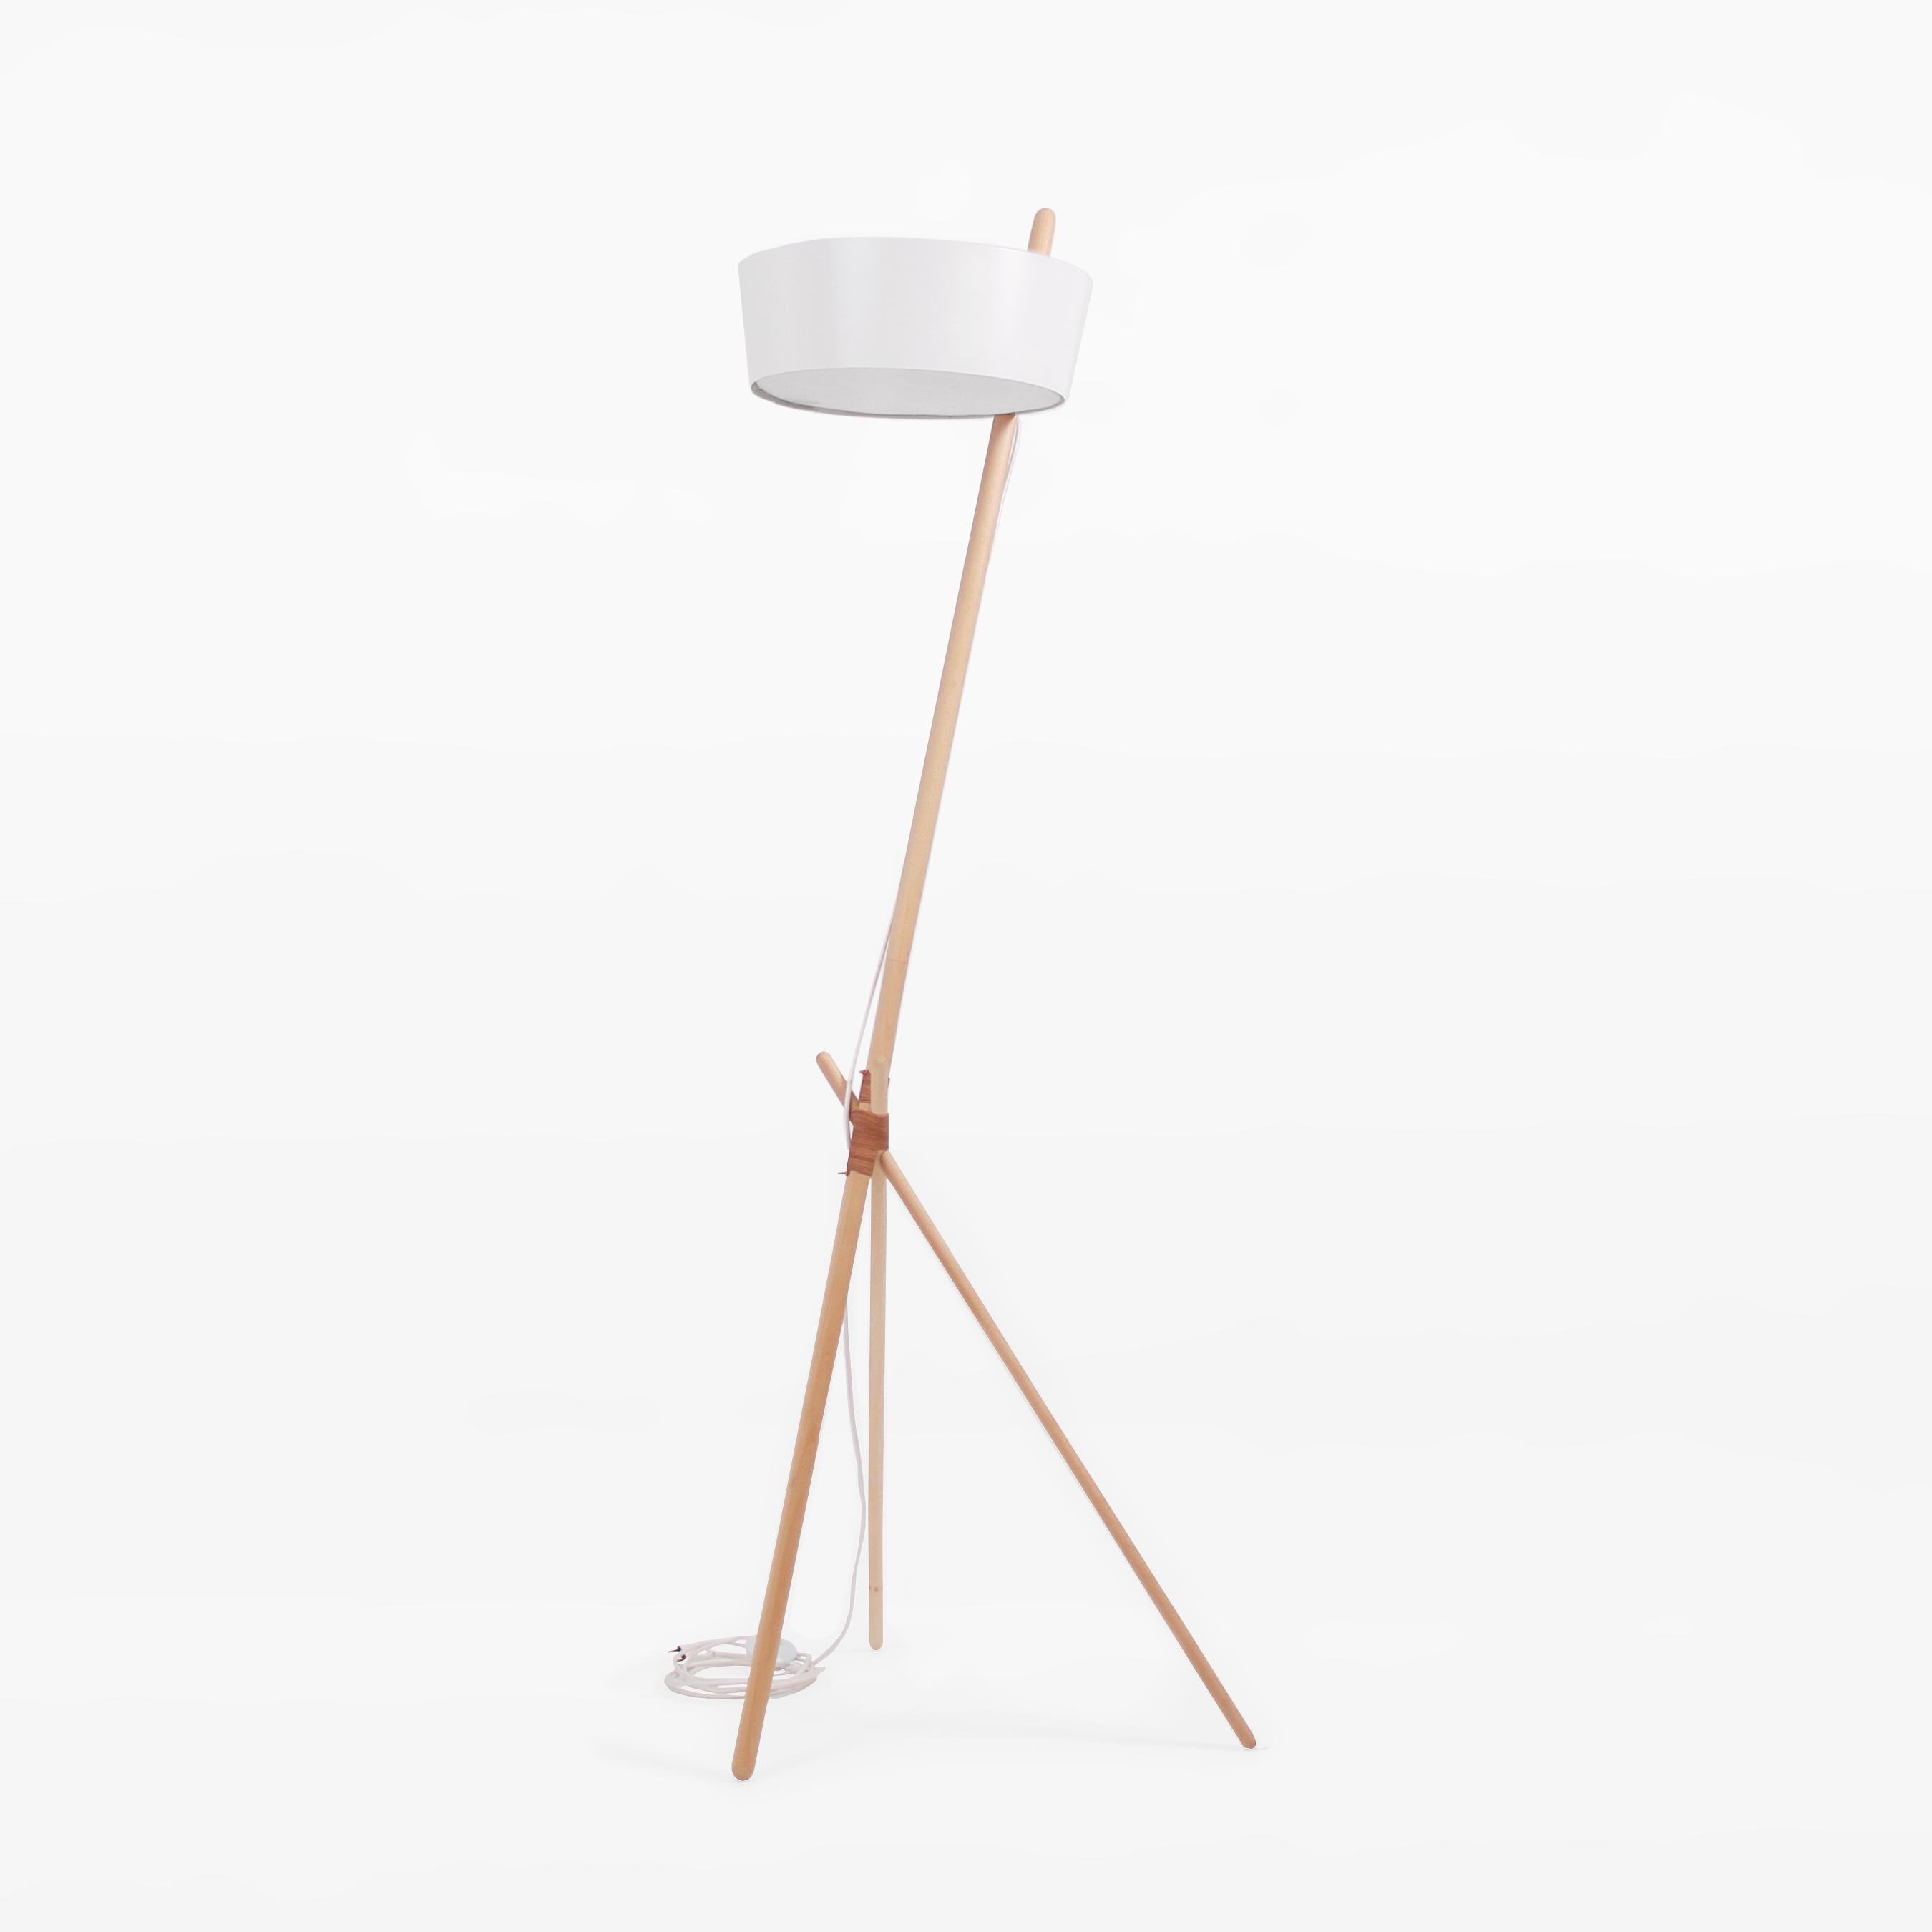 KA Wood Lamp XL - ESSENTIAL WHITE - merk: WOODENDOT